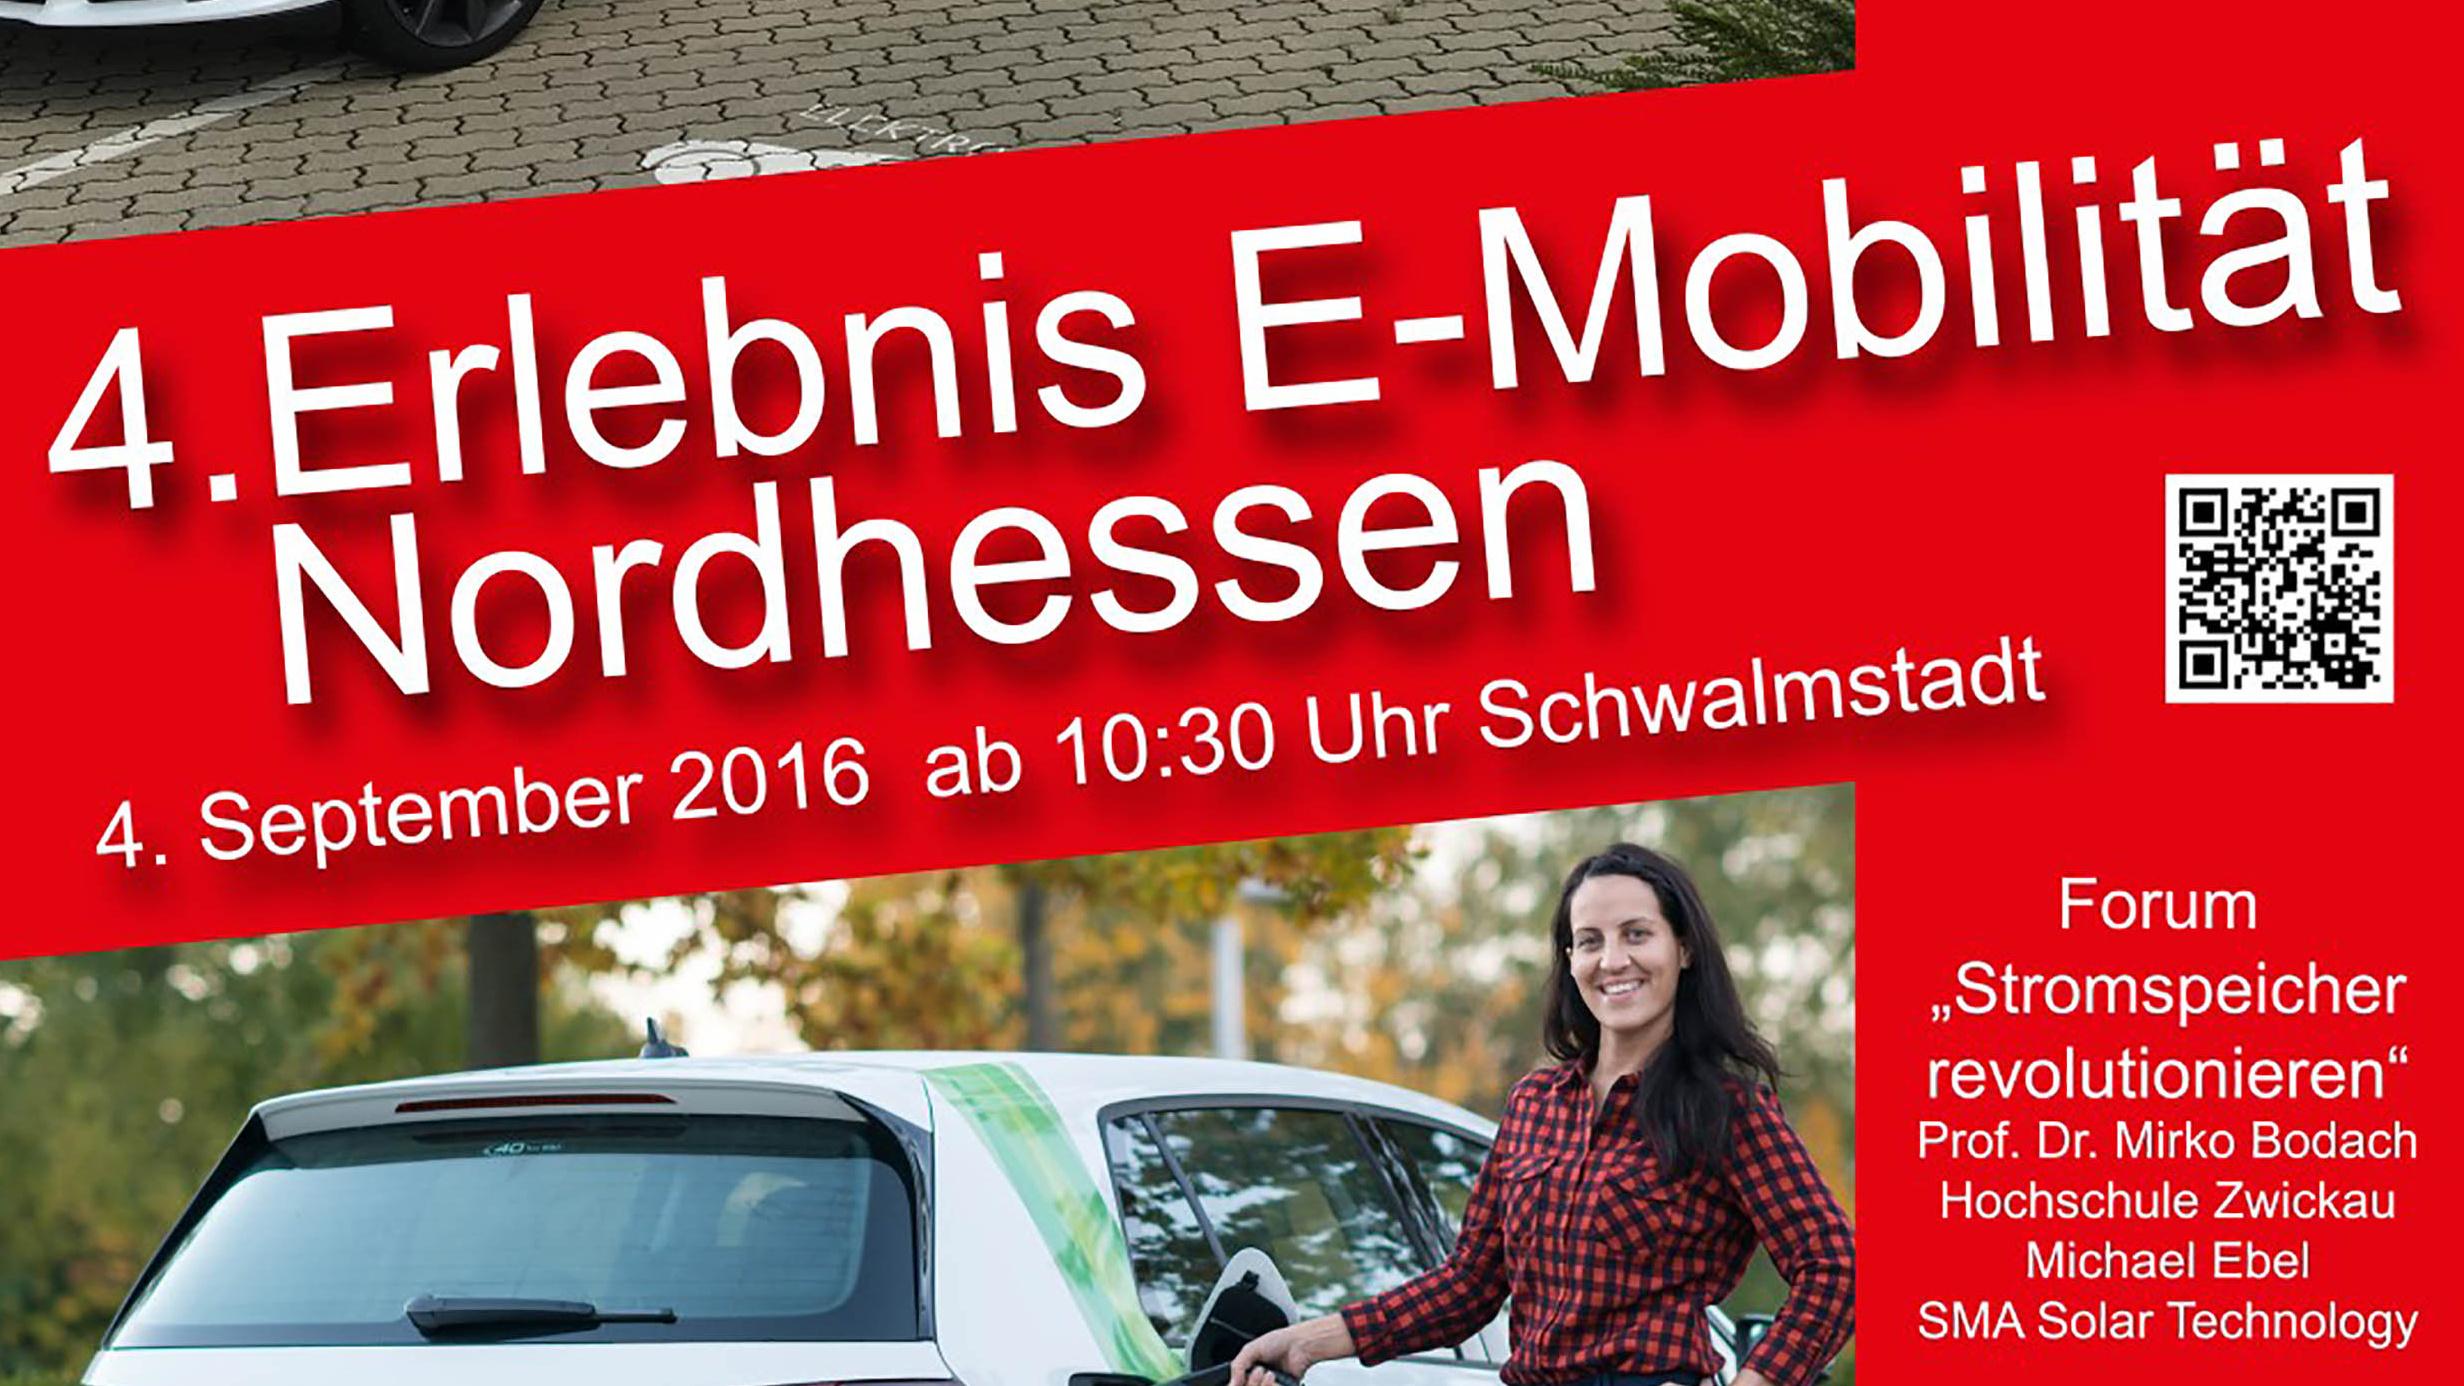 4. Erlebnis E-Mobilität Nordhessen – 3. & 4. September